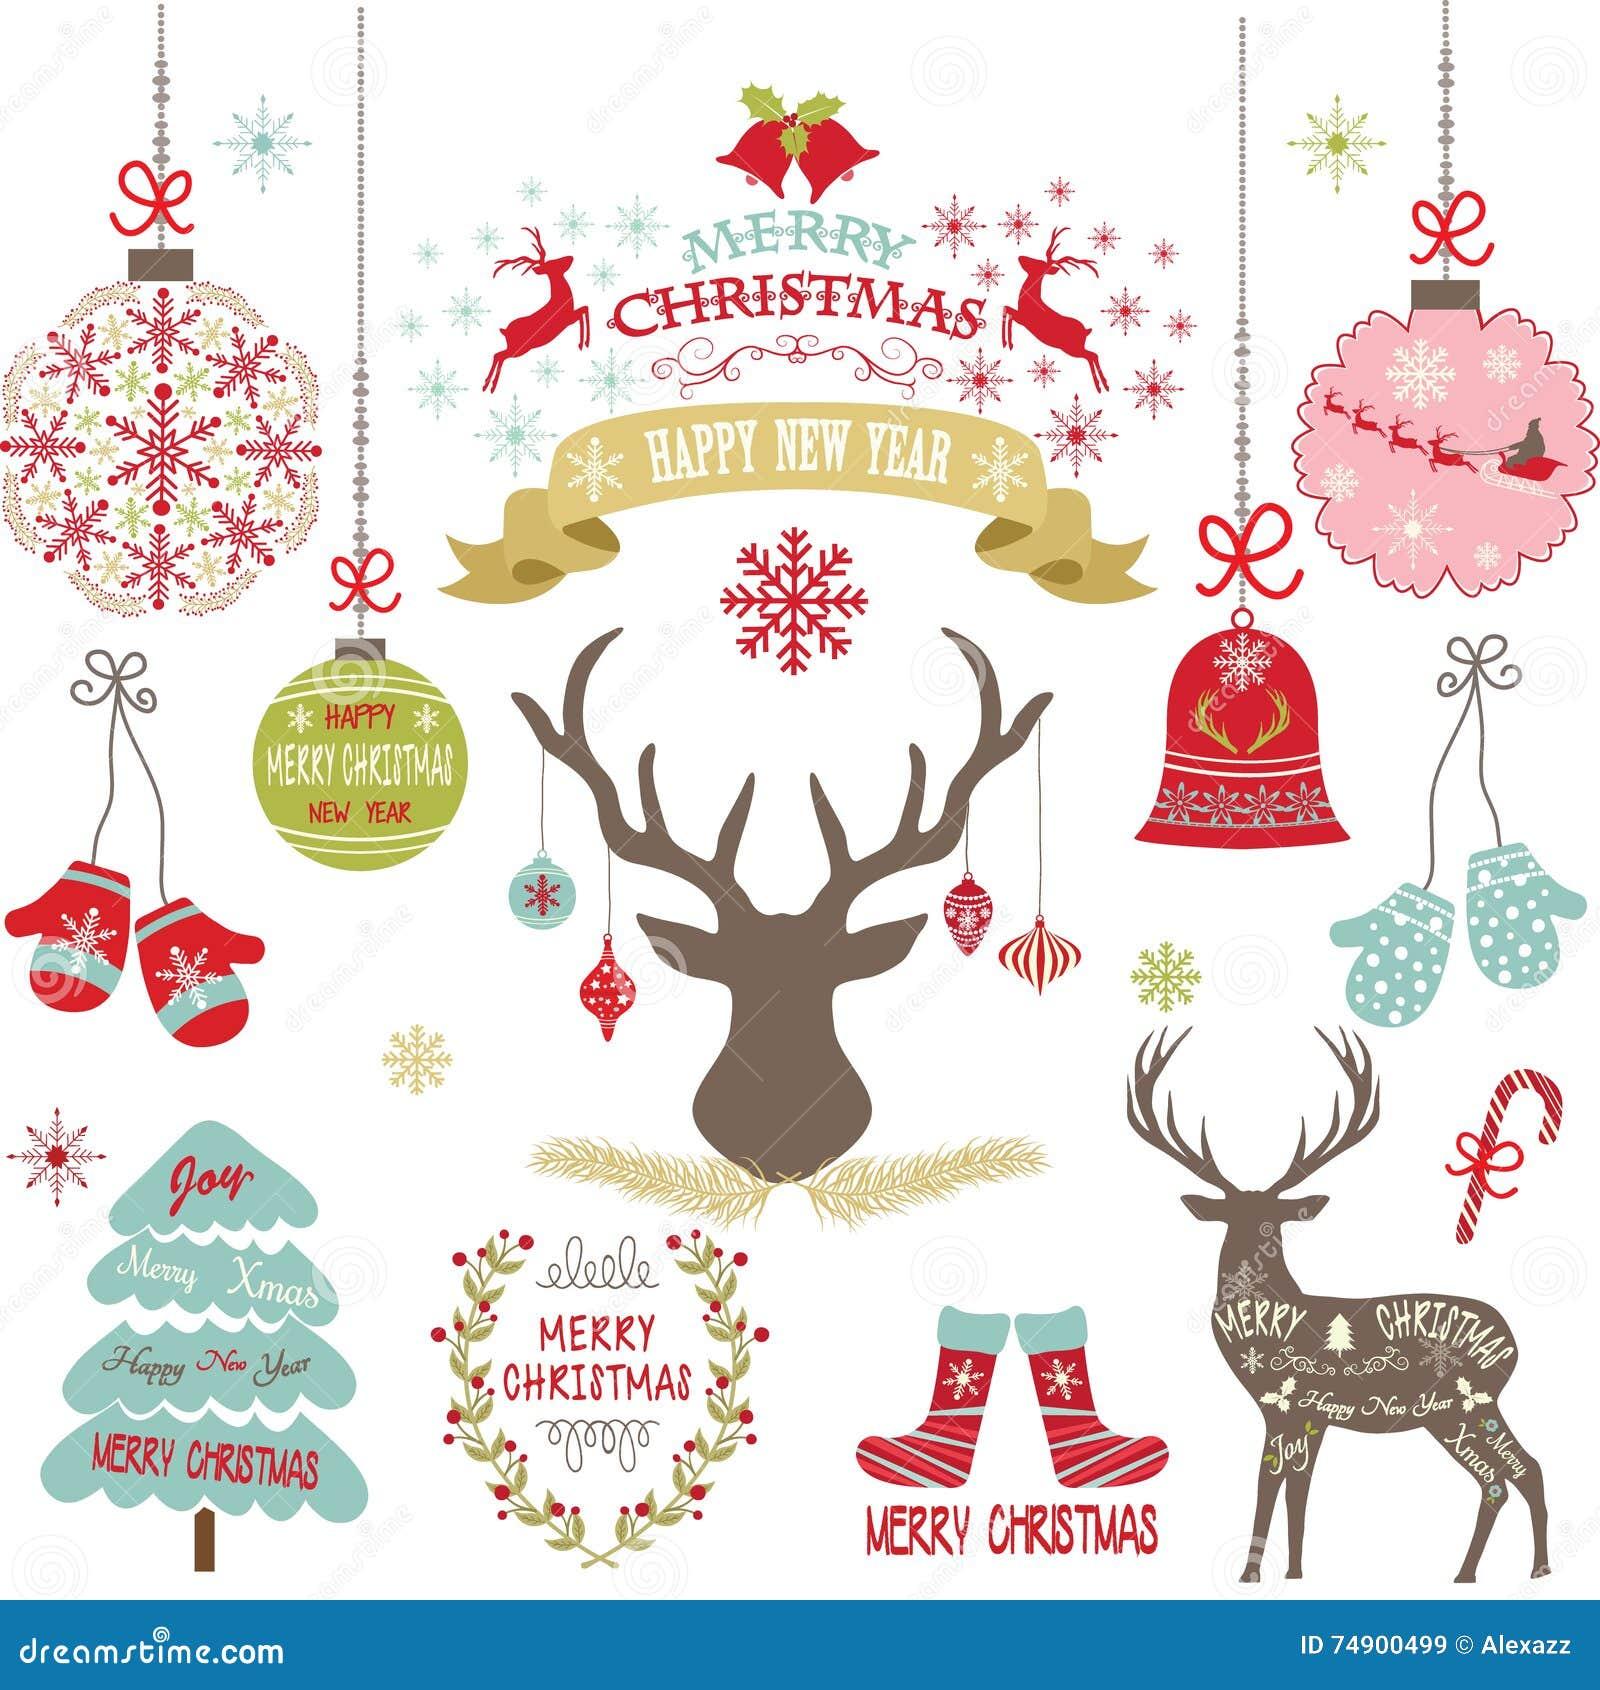 Glad jul, jul blommar, hjortar, lantlig jul, julgranen, julgarneringuppsättning